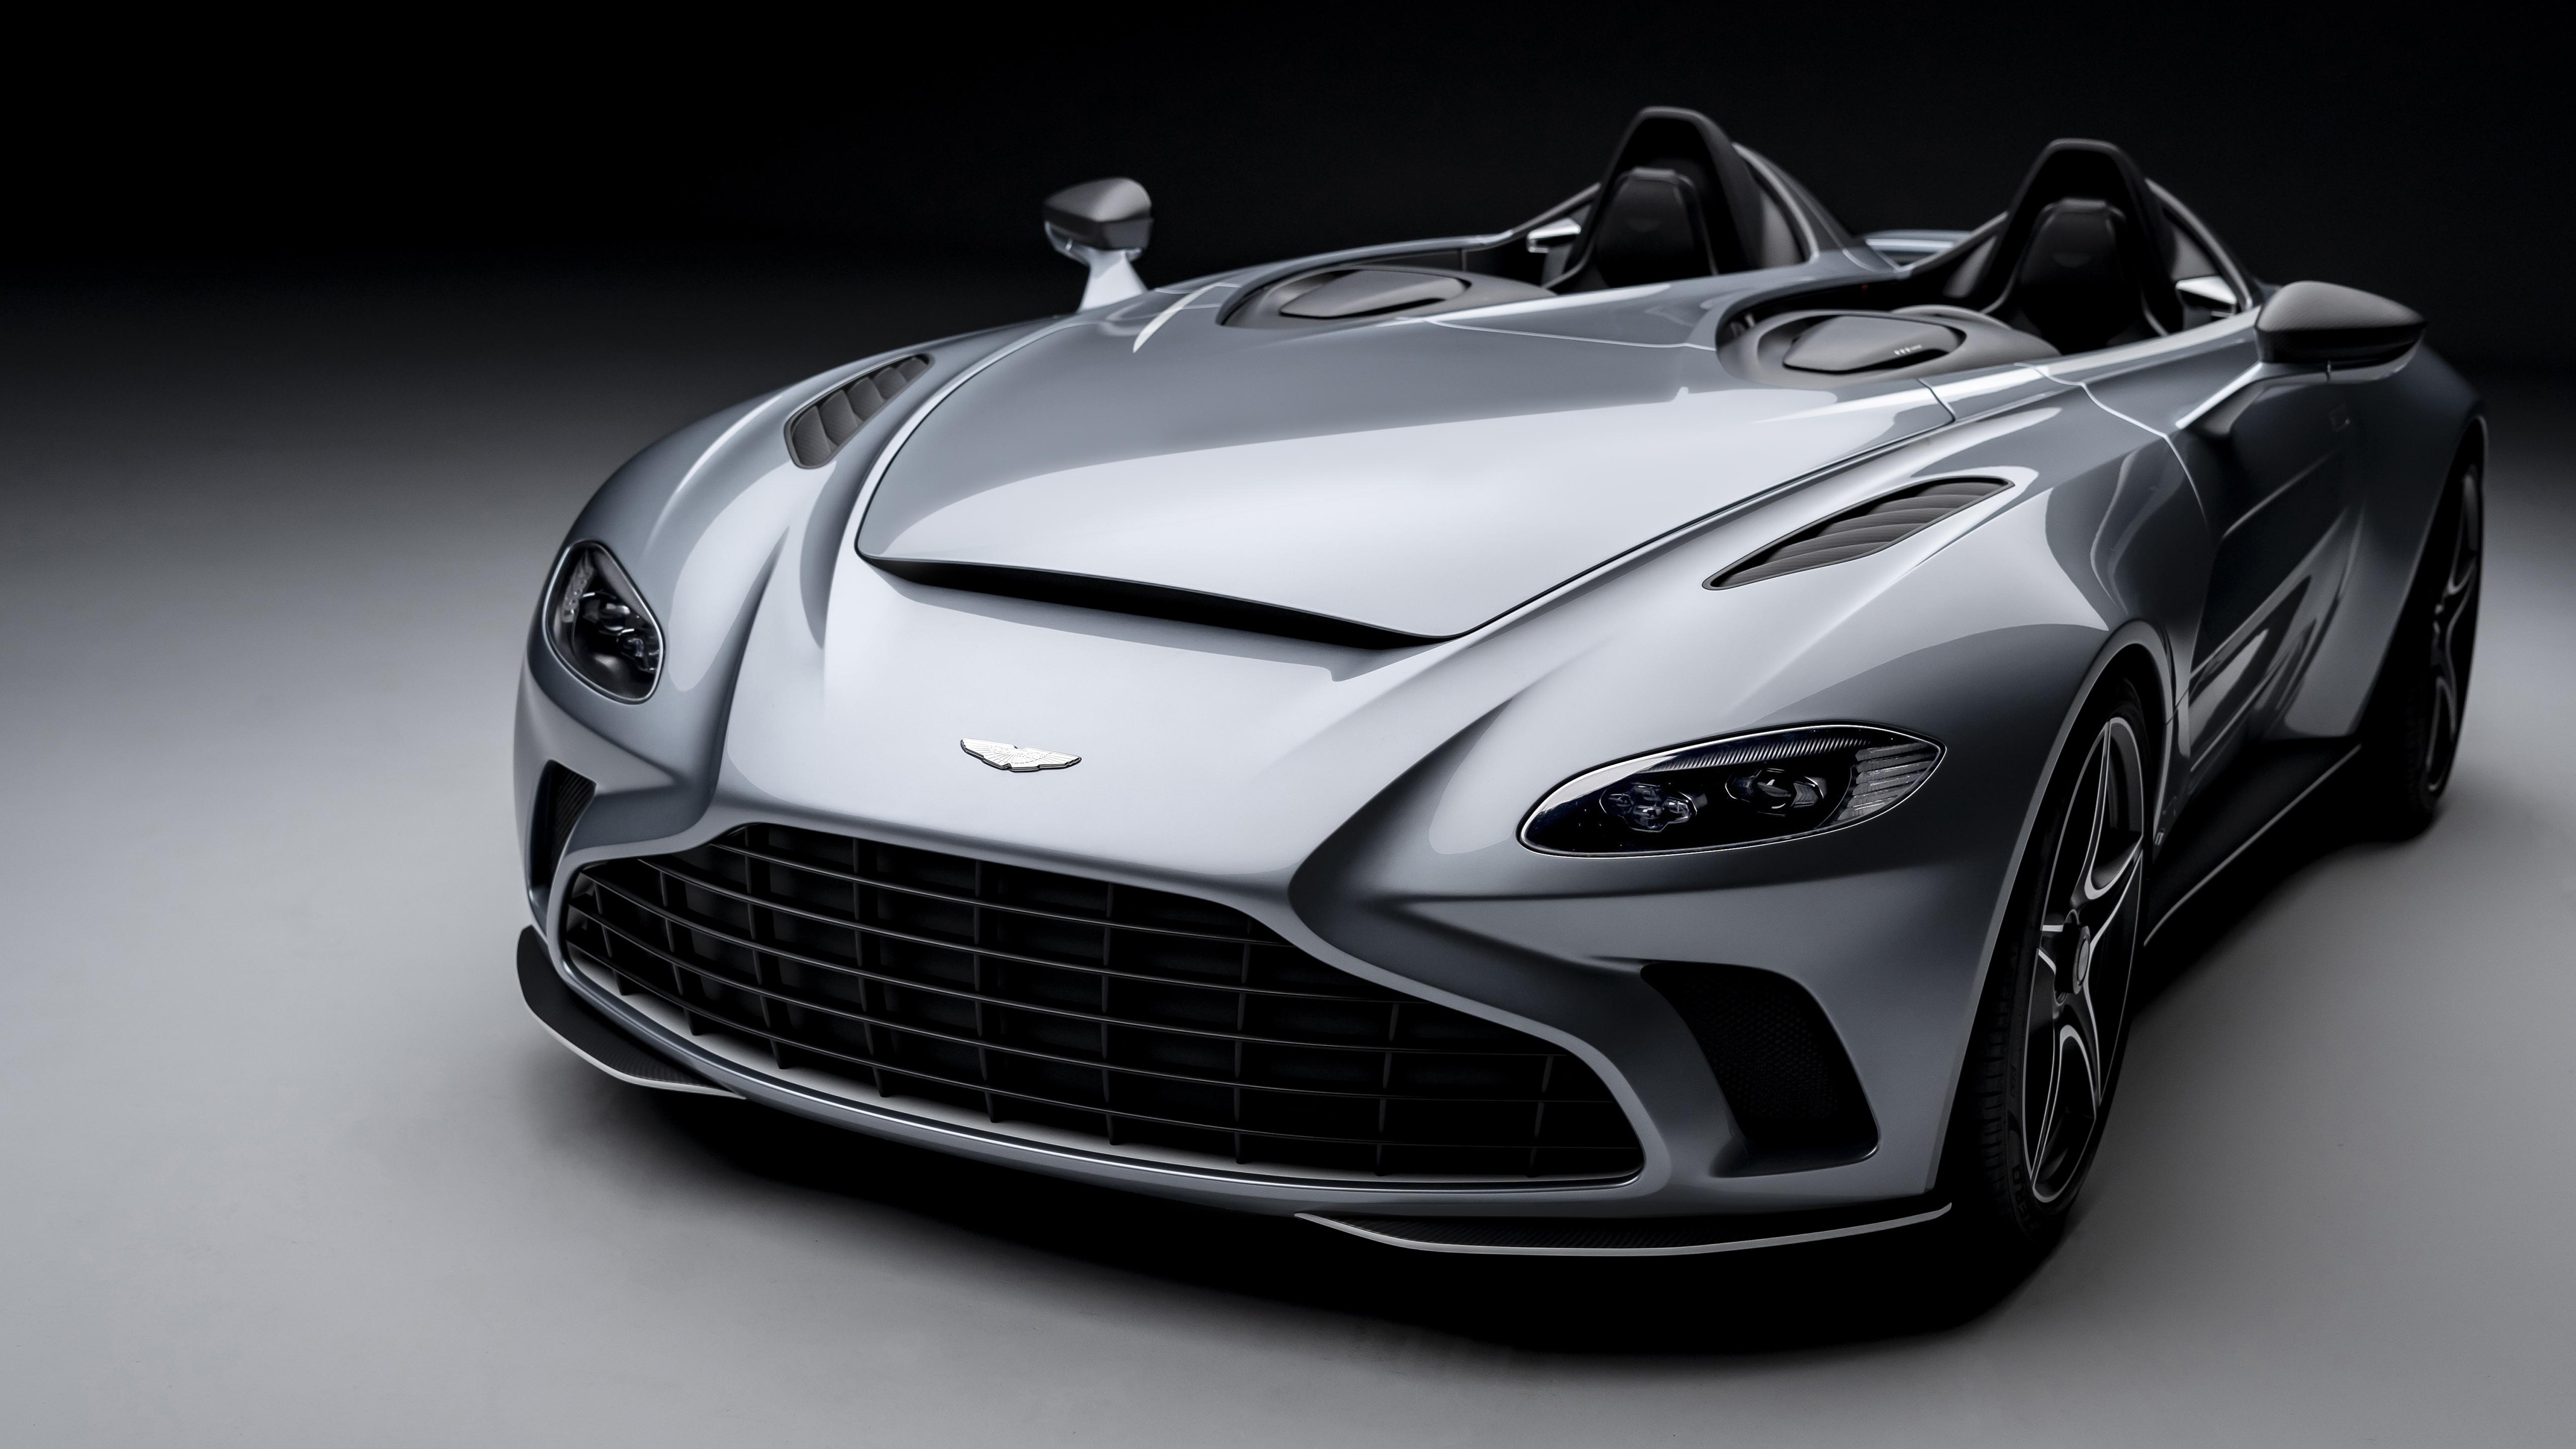 Aston Martin V12 Speedster Wallpaper Supercars Gallery